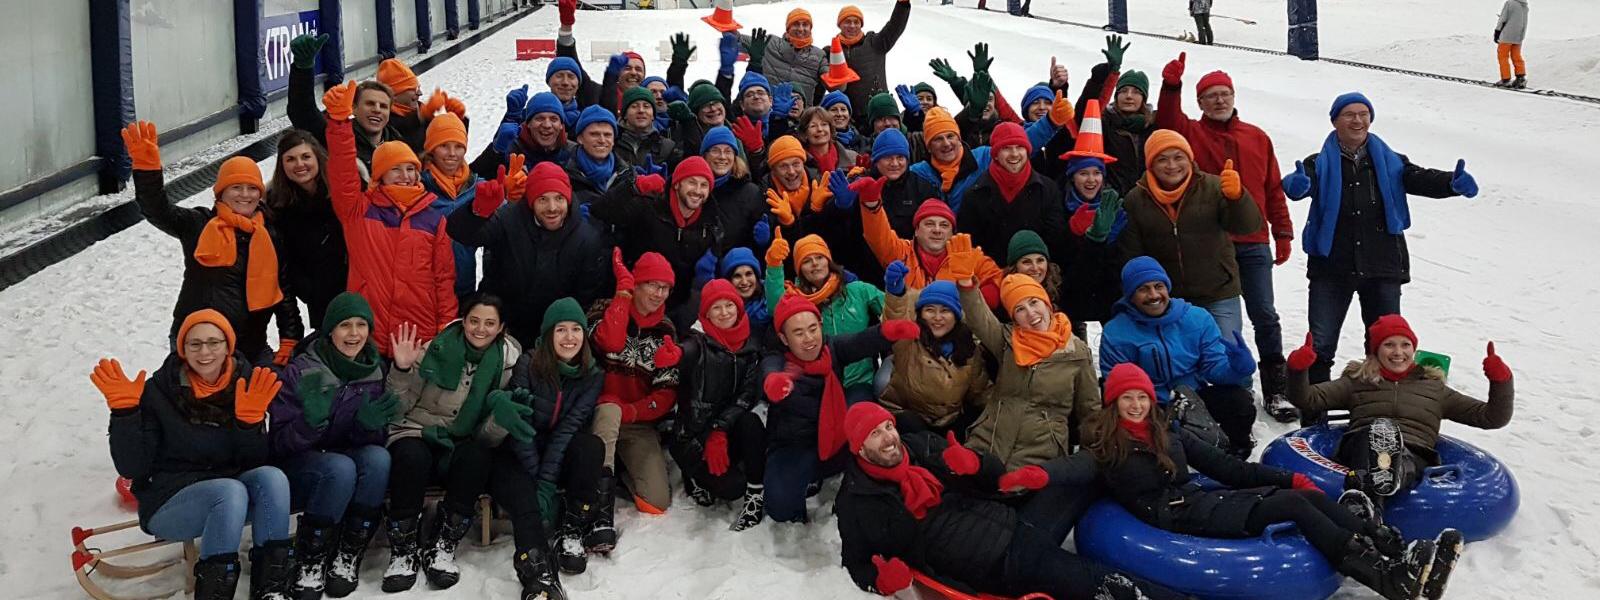 Sneeuwspelen Groep Breda